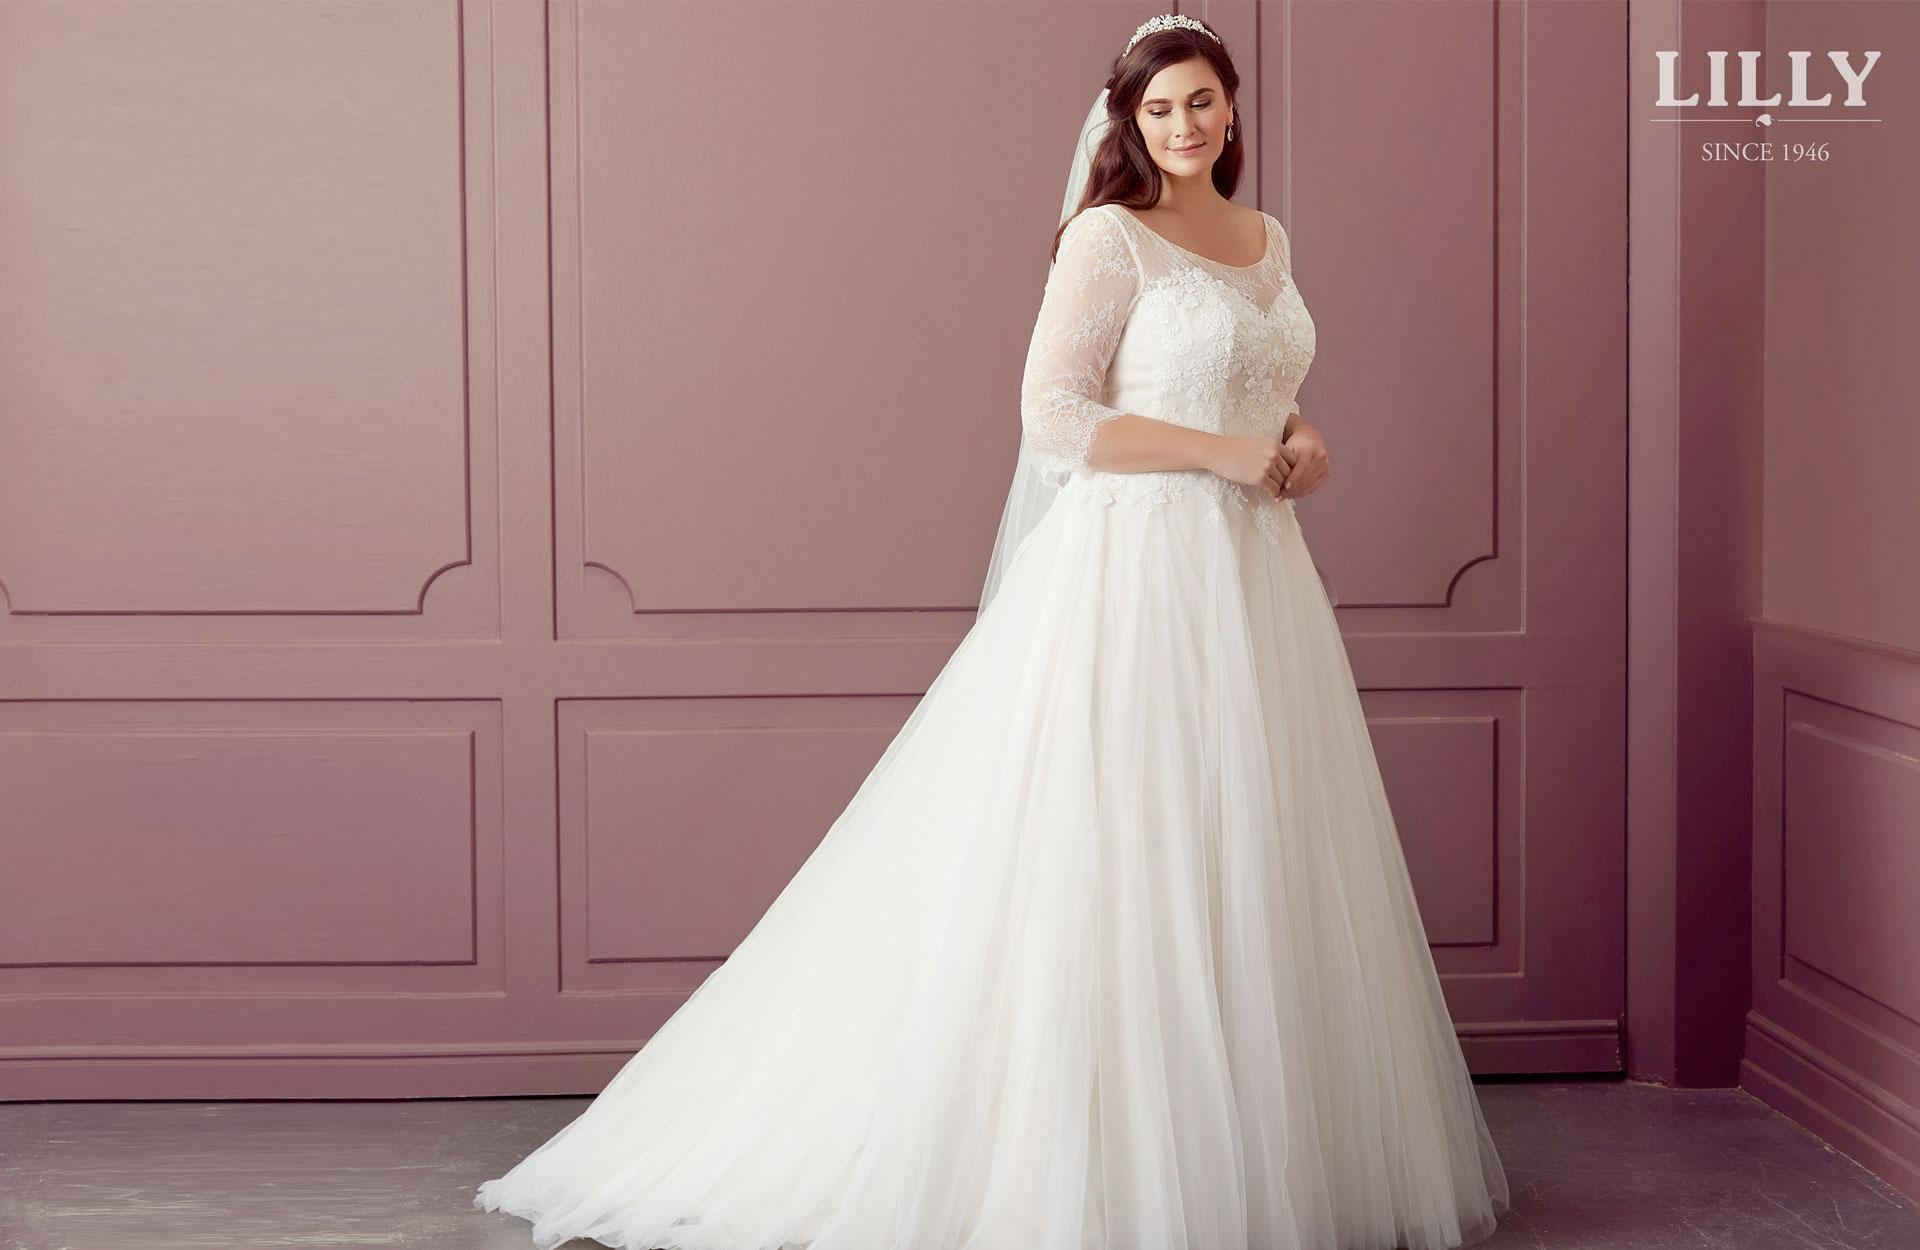 Kort eller lång brudklänning? Bröllopsmagasinet